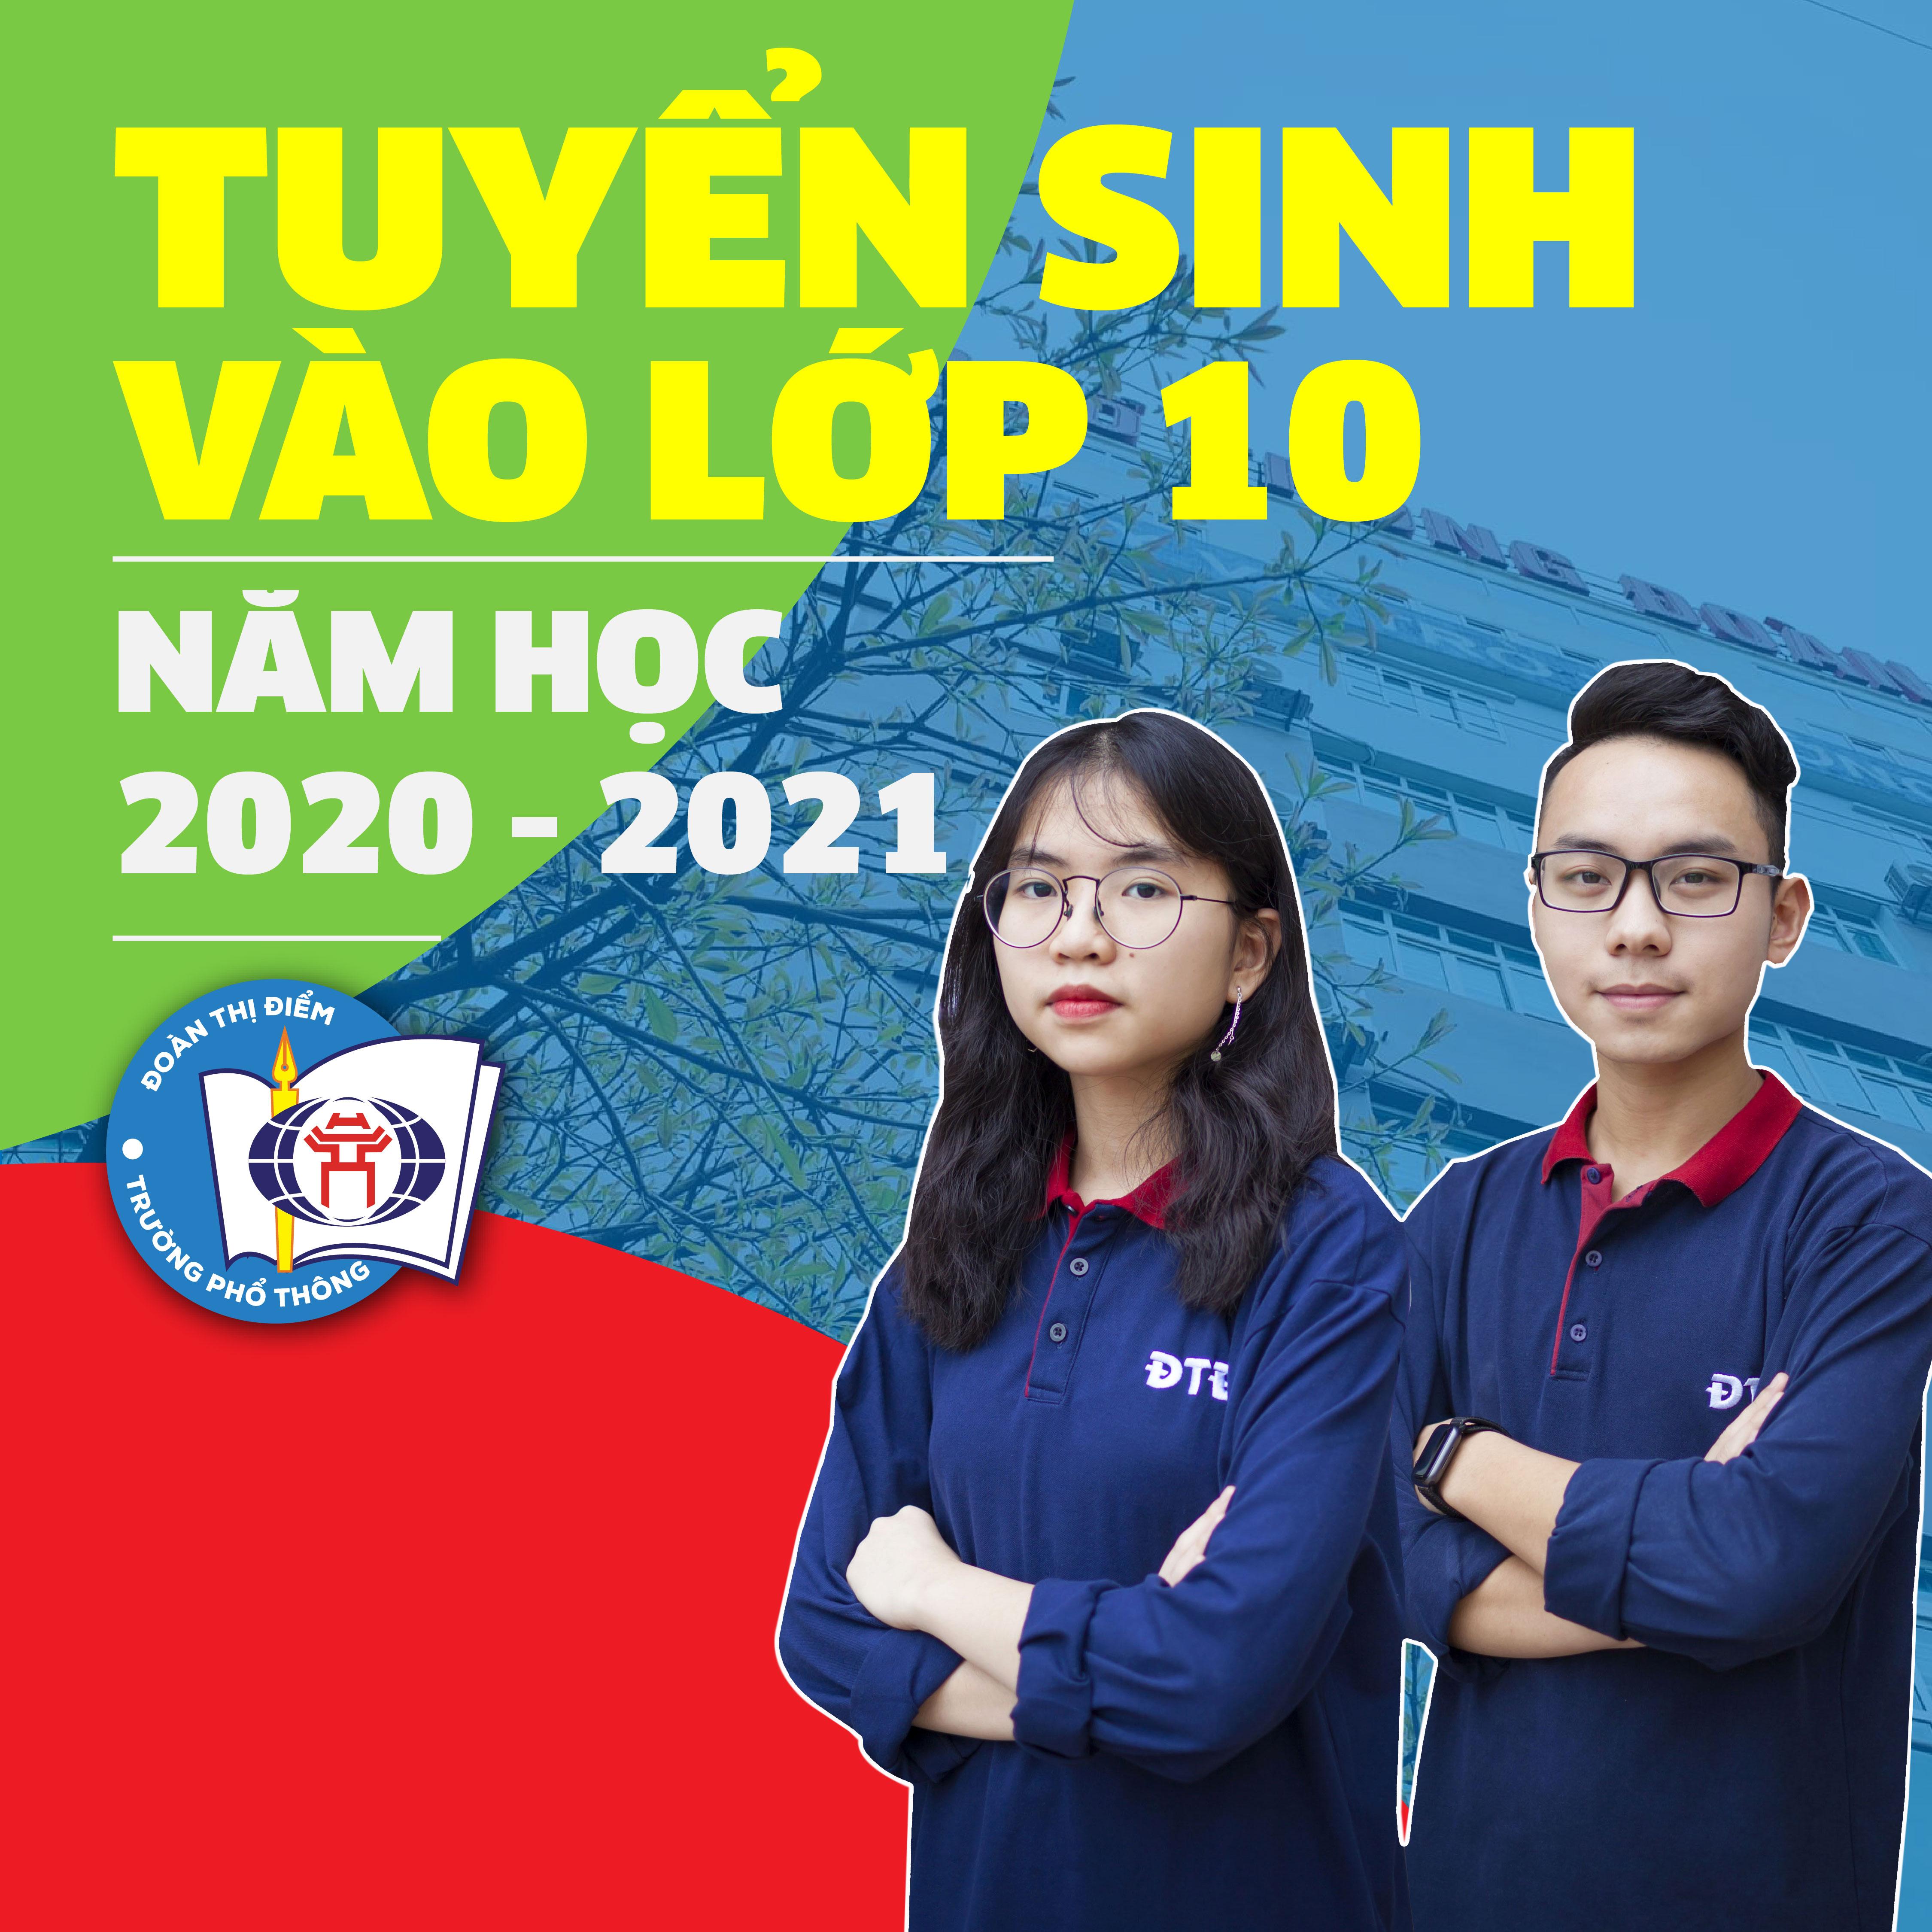 ĐĂNG KÝ TUYỂN SINH TRỰC TUYẾN VÀO LỚP 10, NĂM HỌC 2020 - 2021